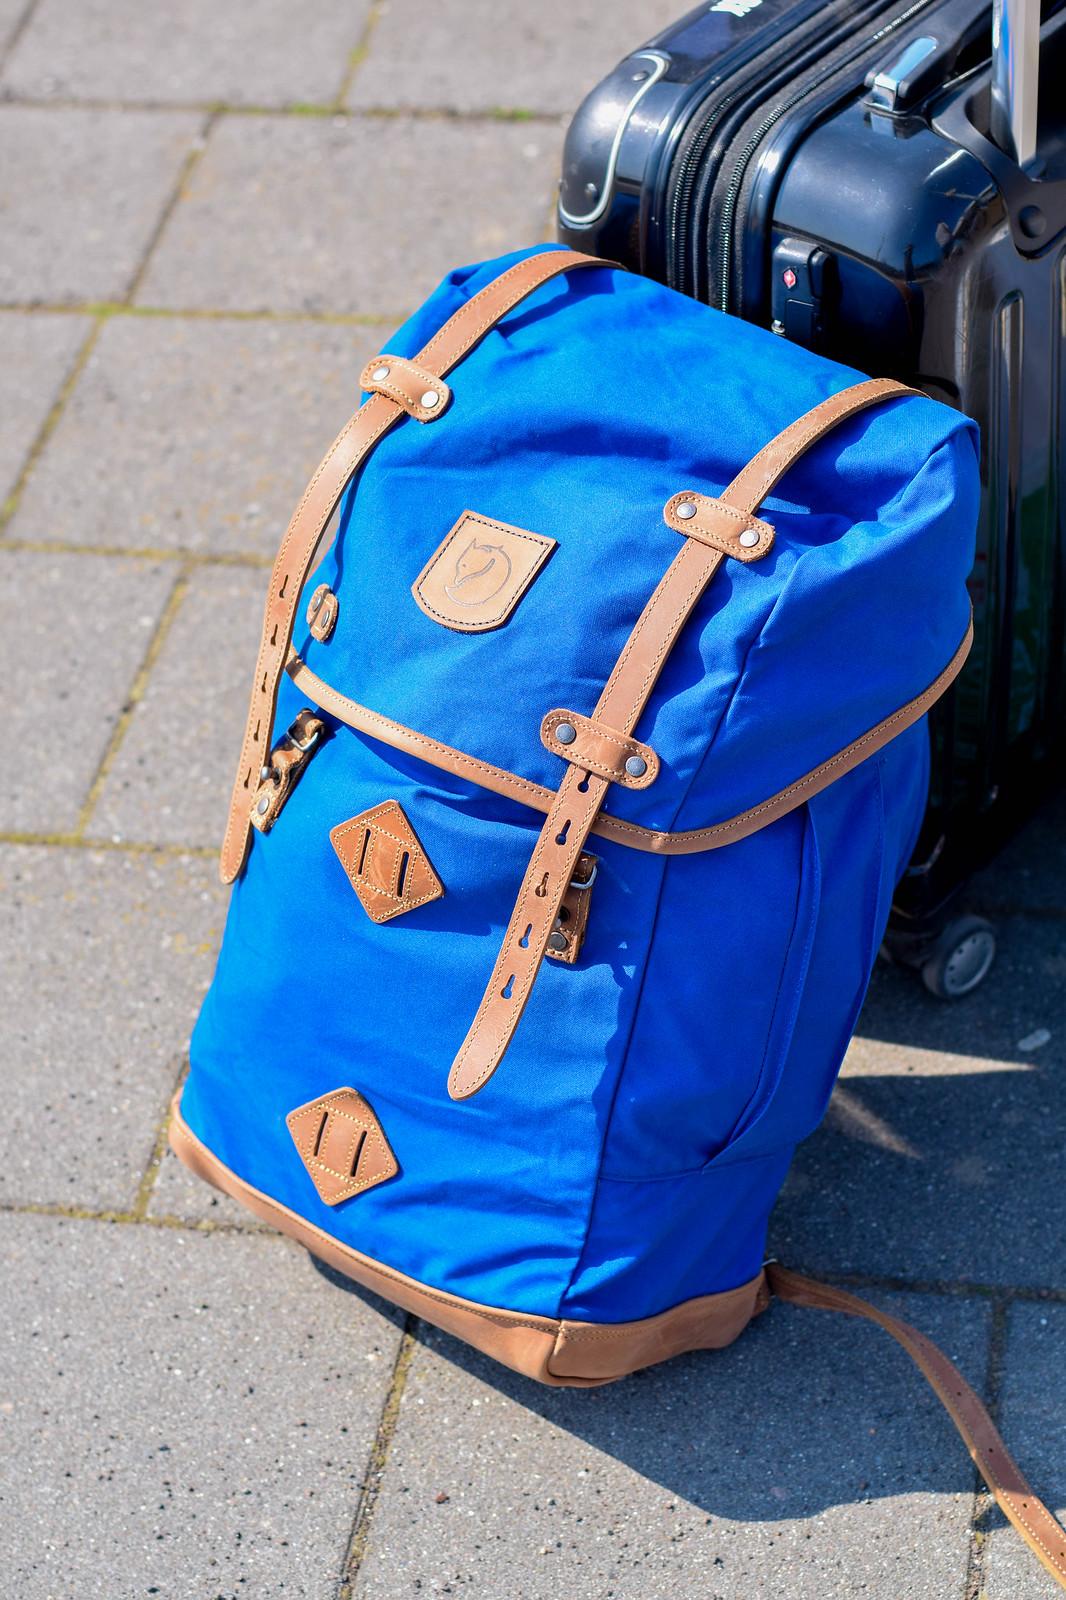 Blå fjällrävenväska för tågluff